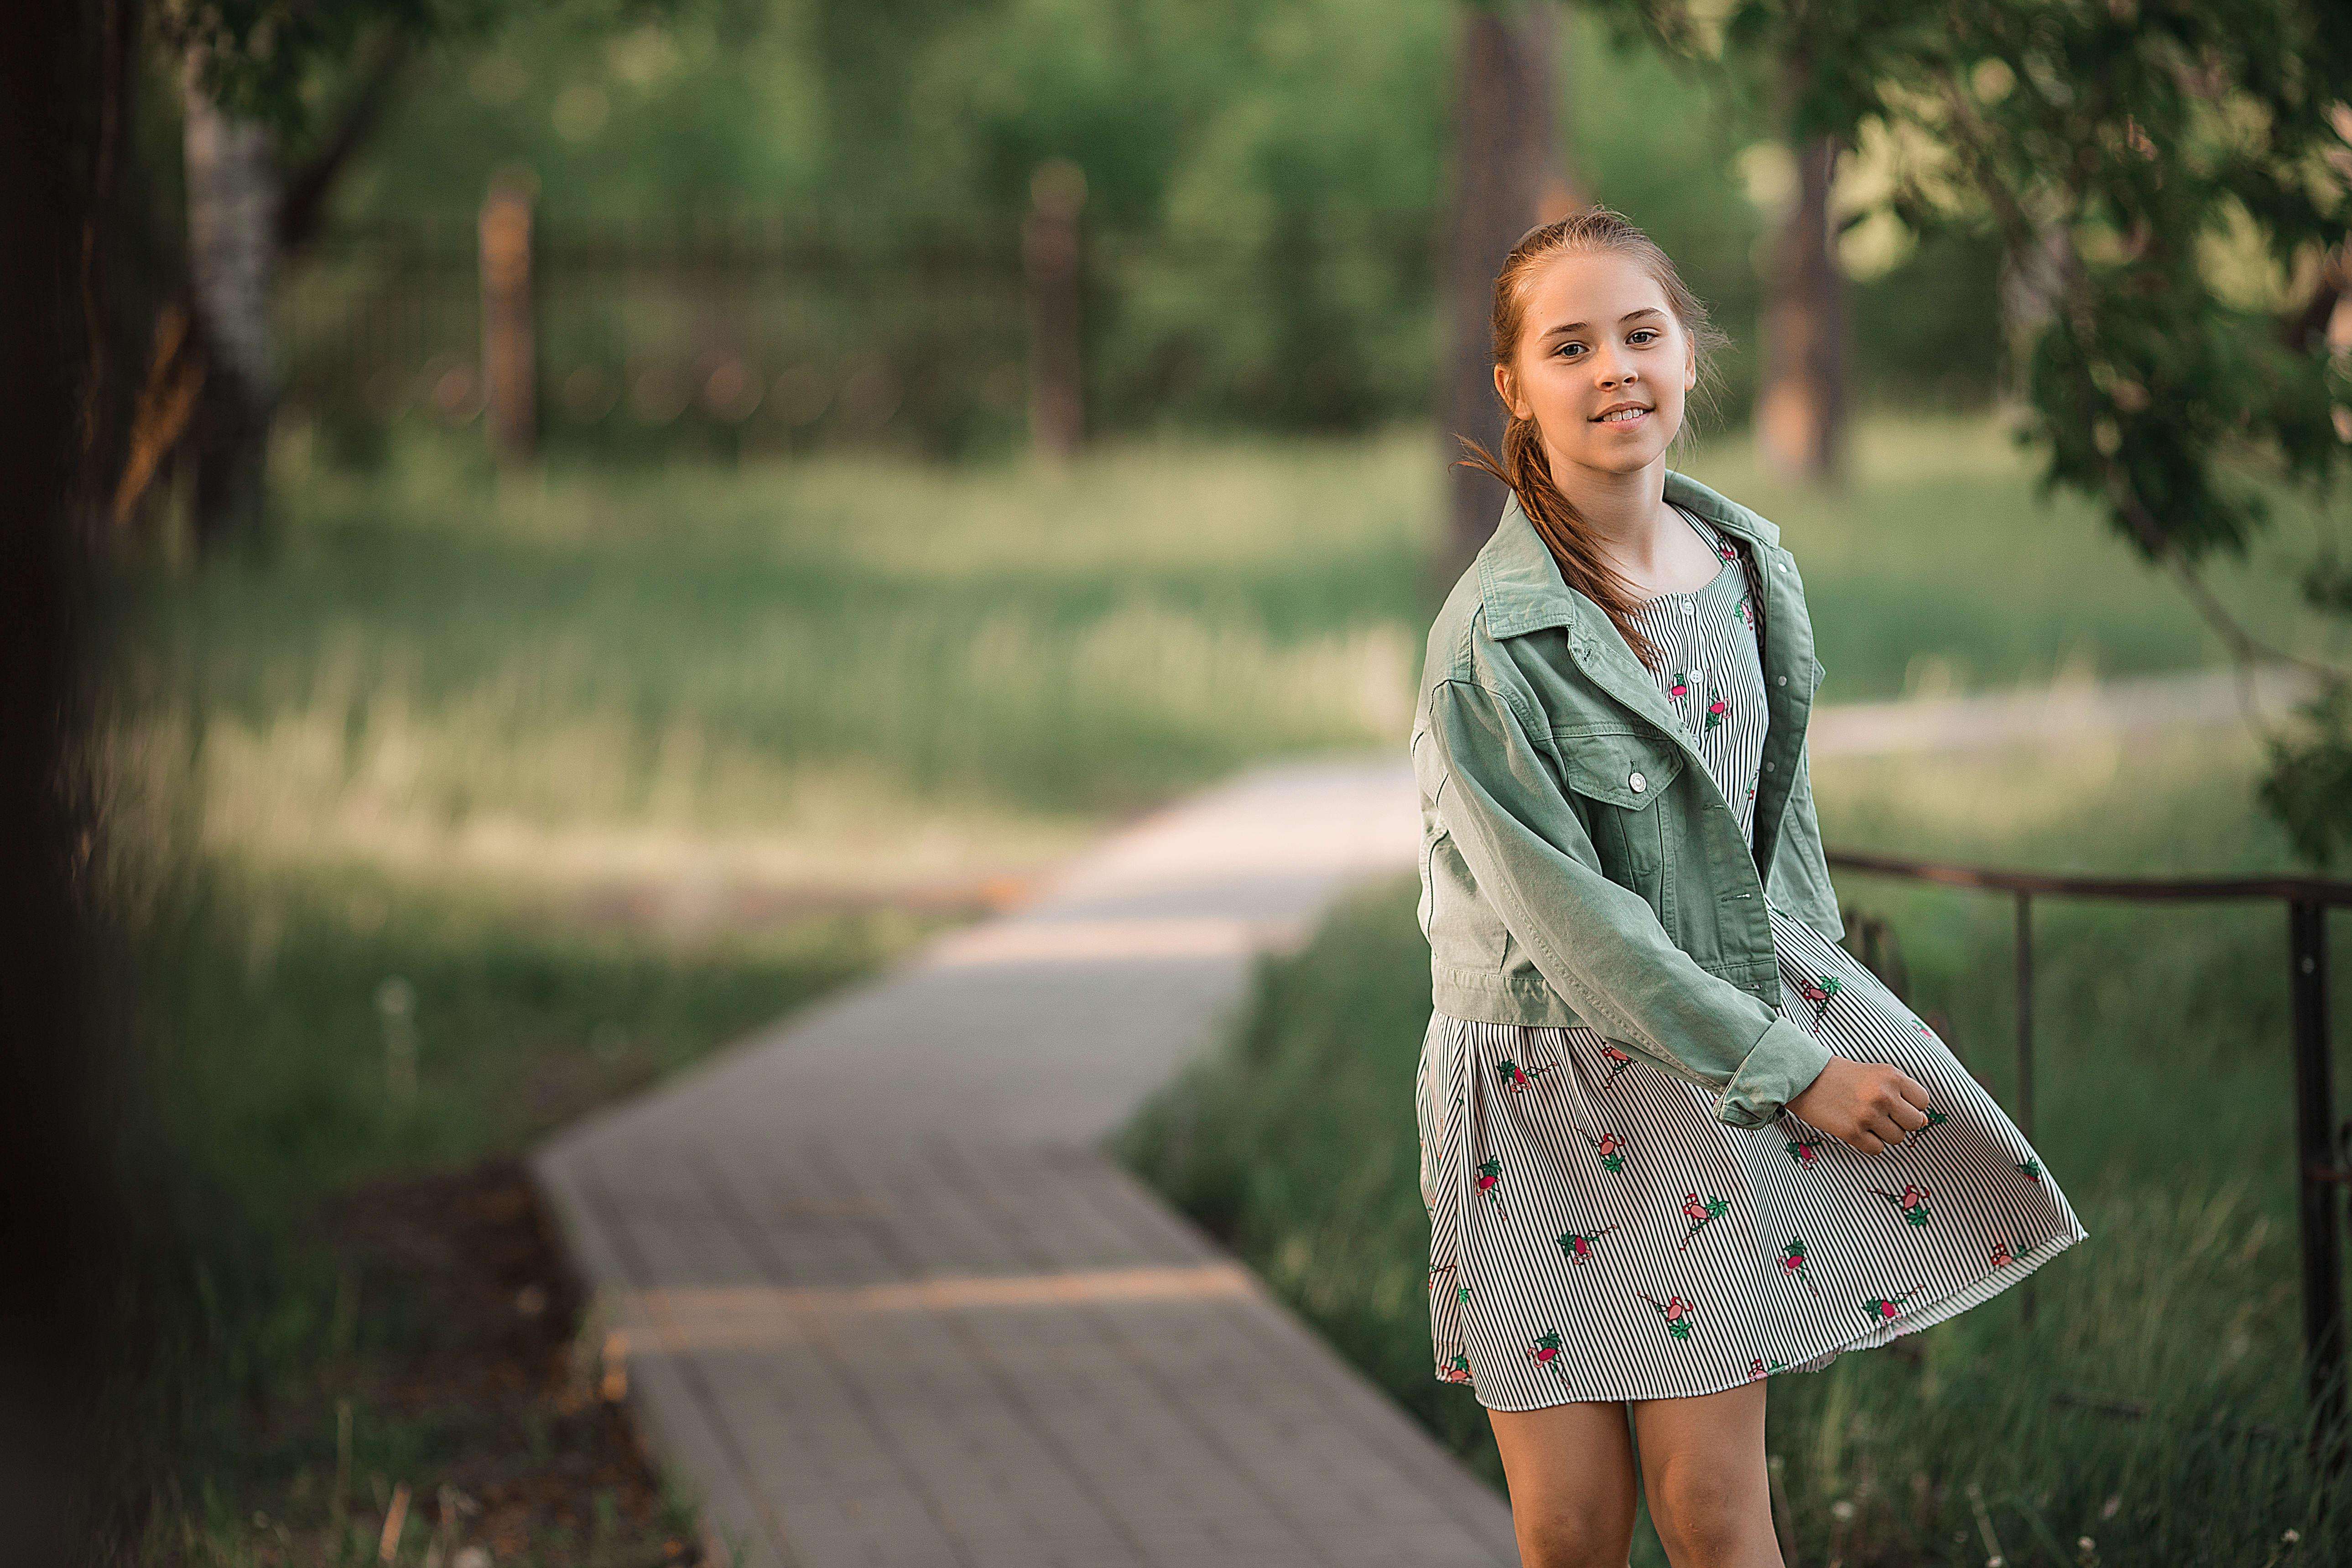 девочка, фотосессия, портрет, фотосессия на закате, парк культуры и отдыха, Васильев Владимир